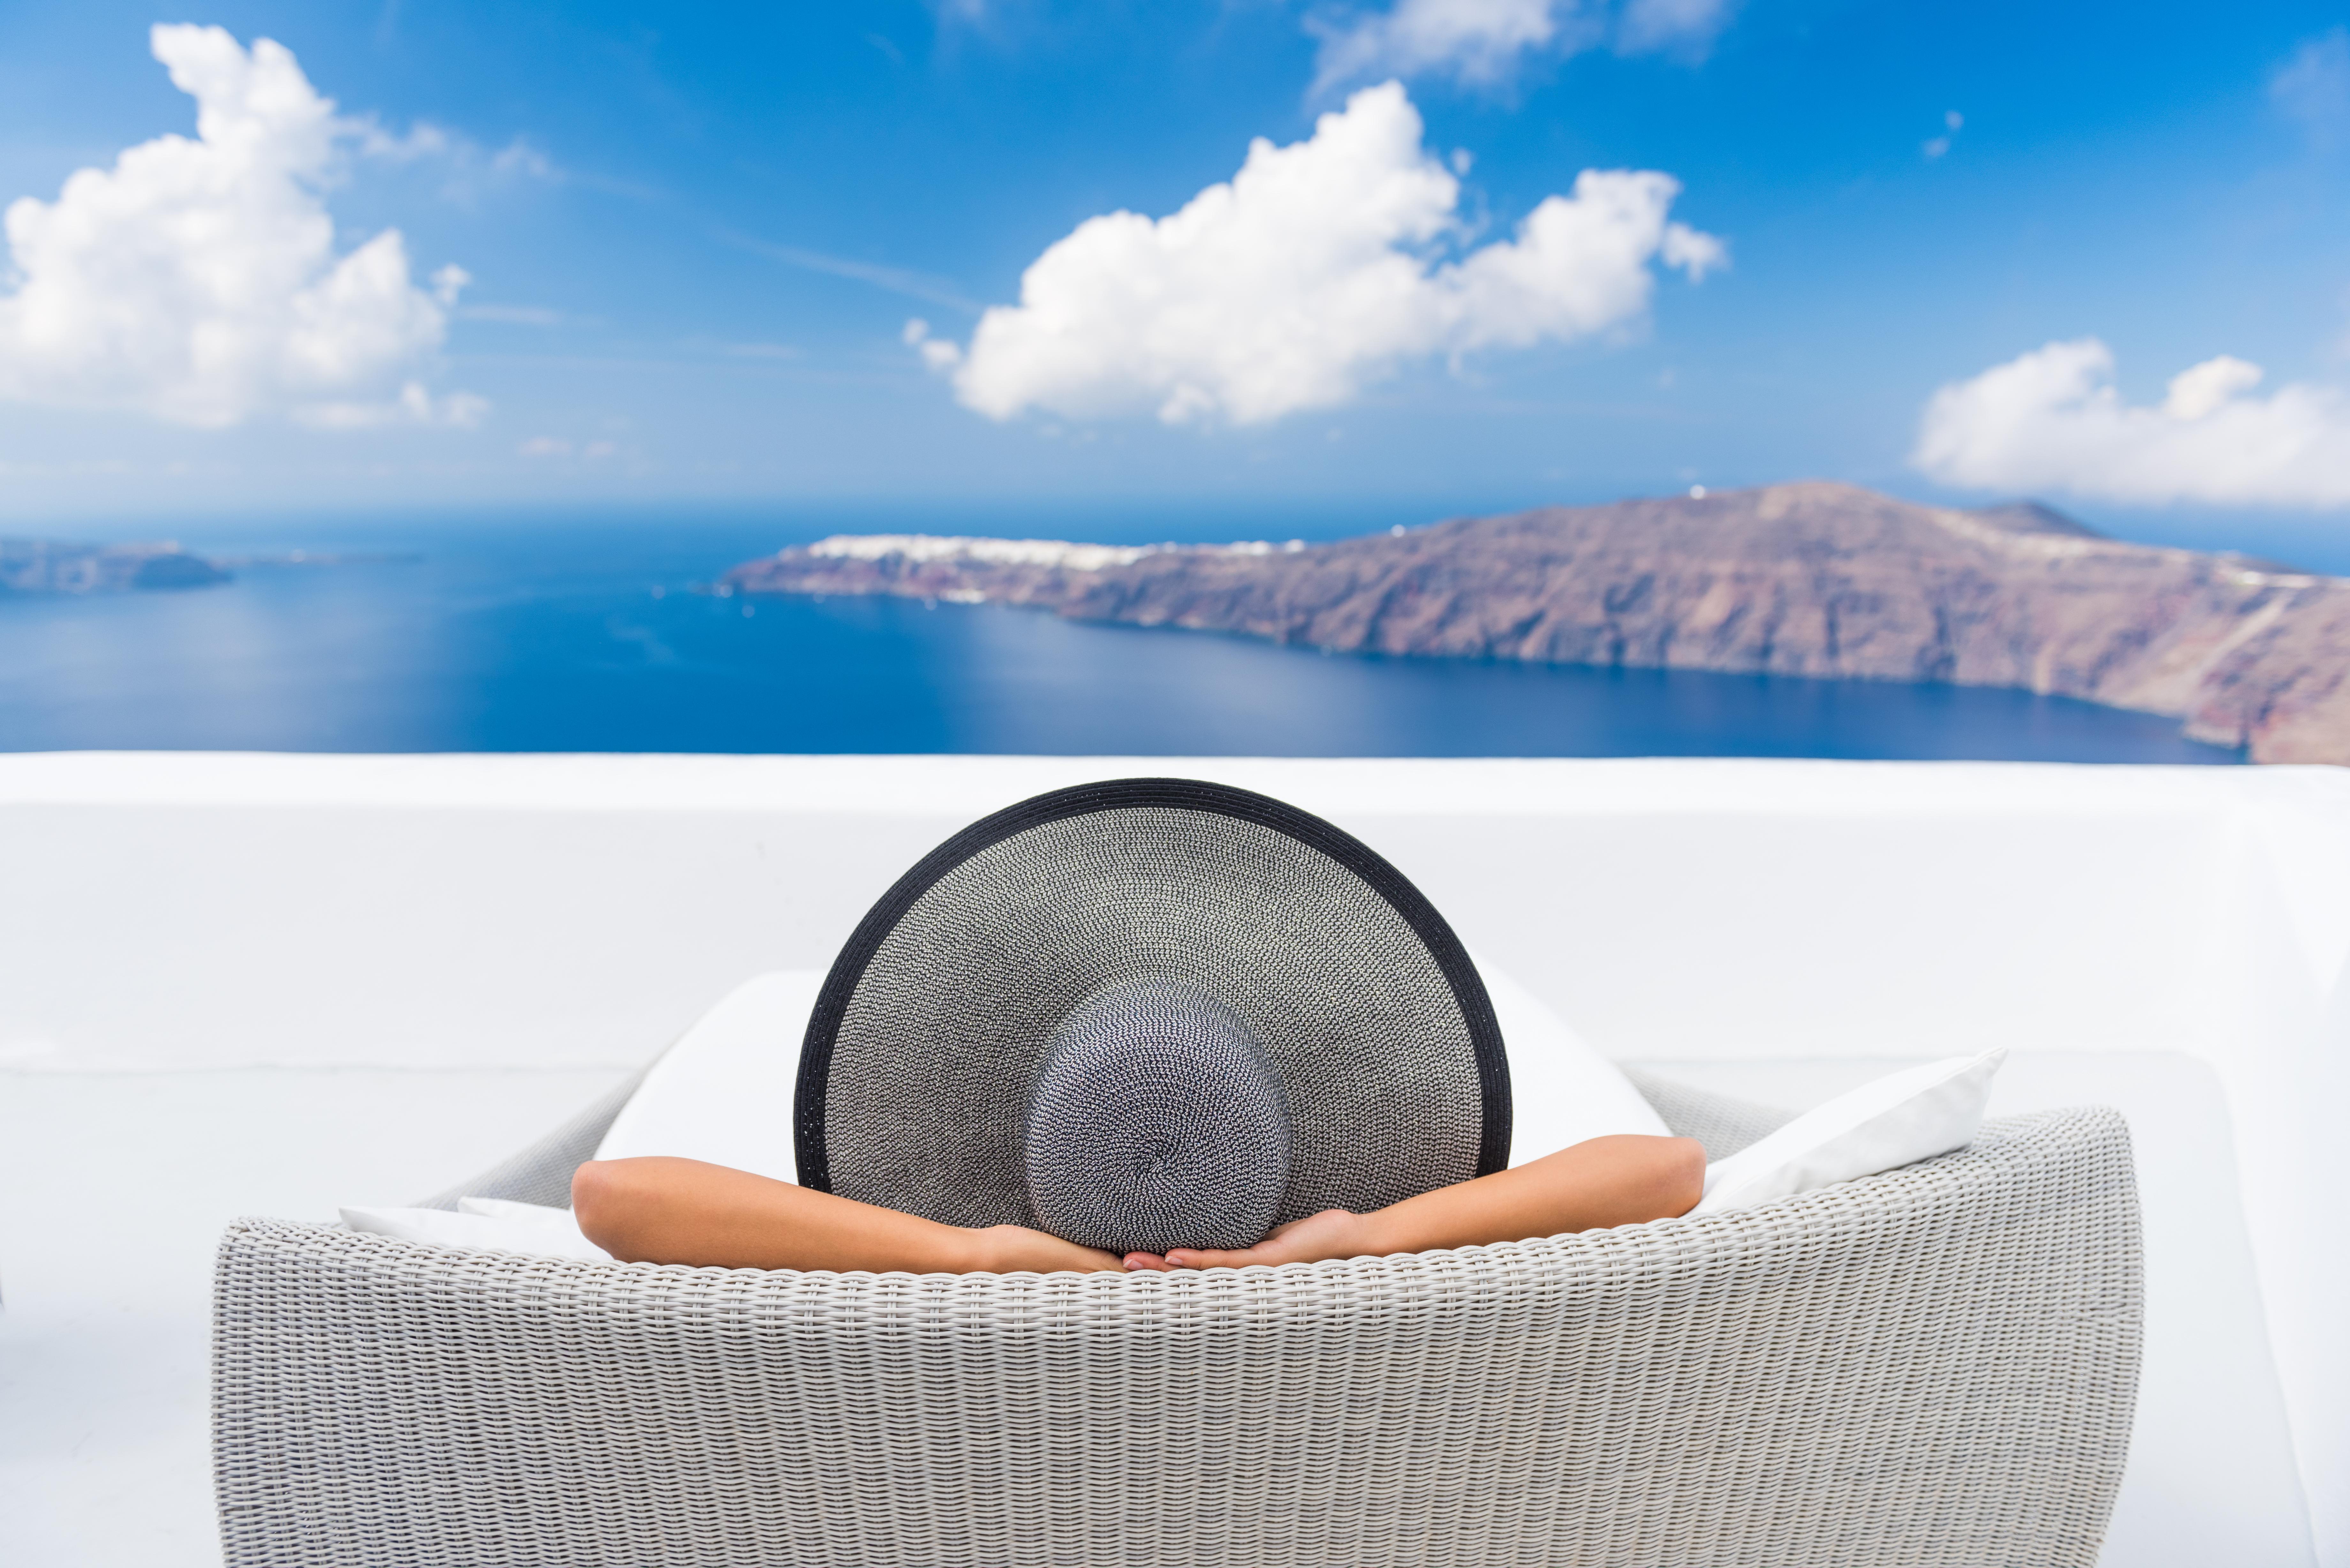 Лятна почивка на остров Санторини с България Травел! 6 нощувки със закуски в хотел 3*, транспорт и водач - Снимка